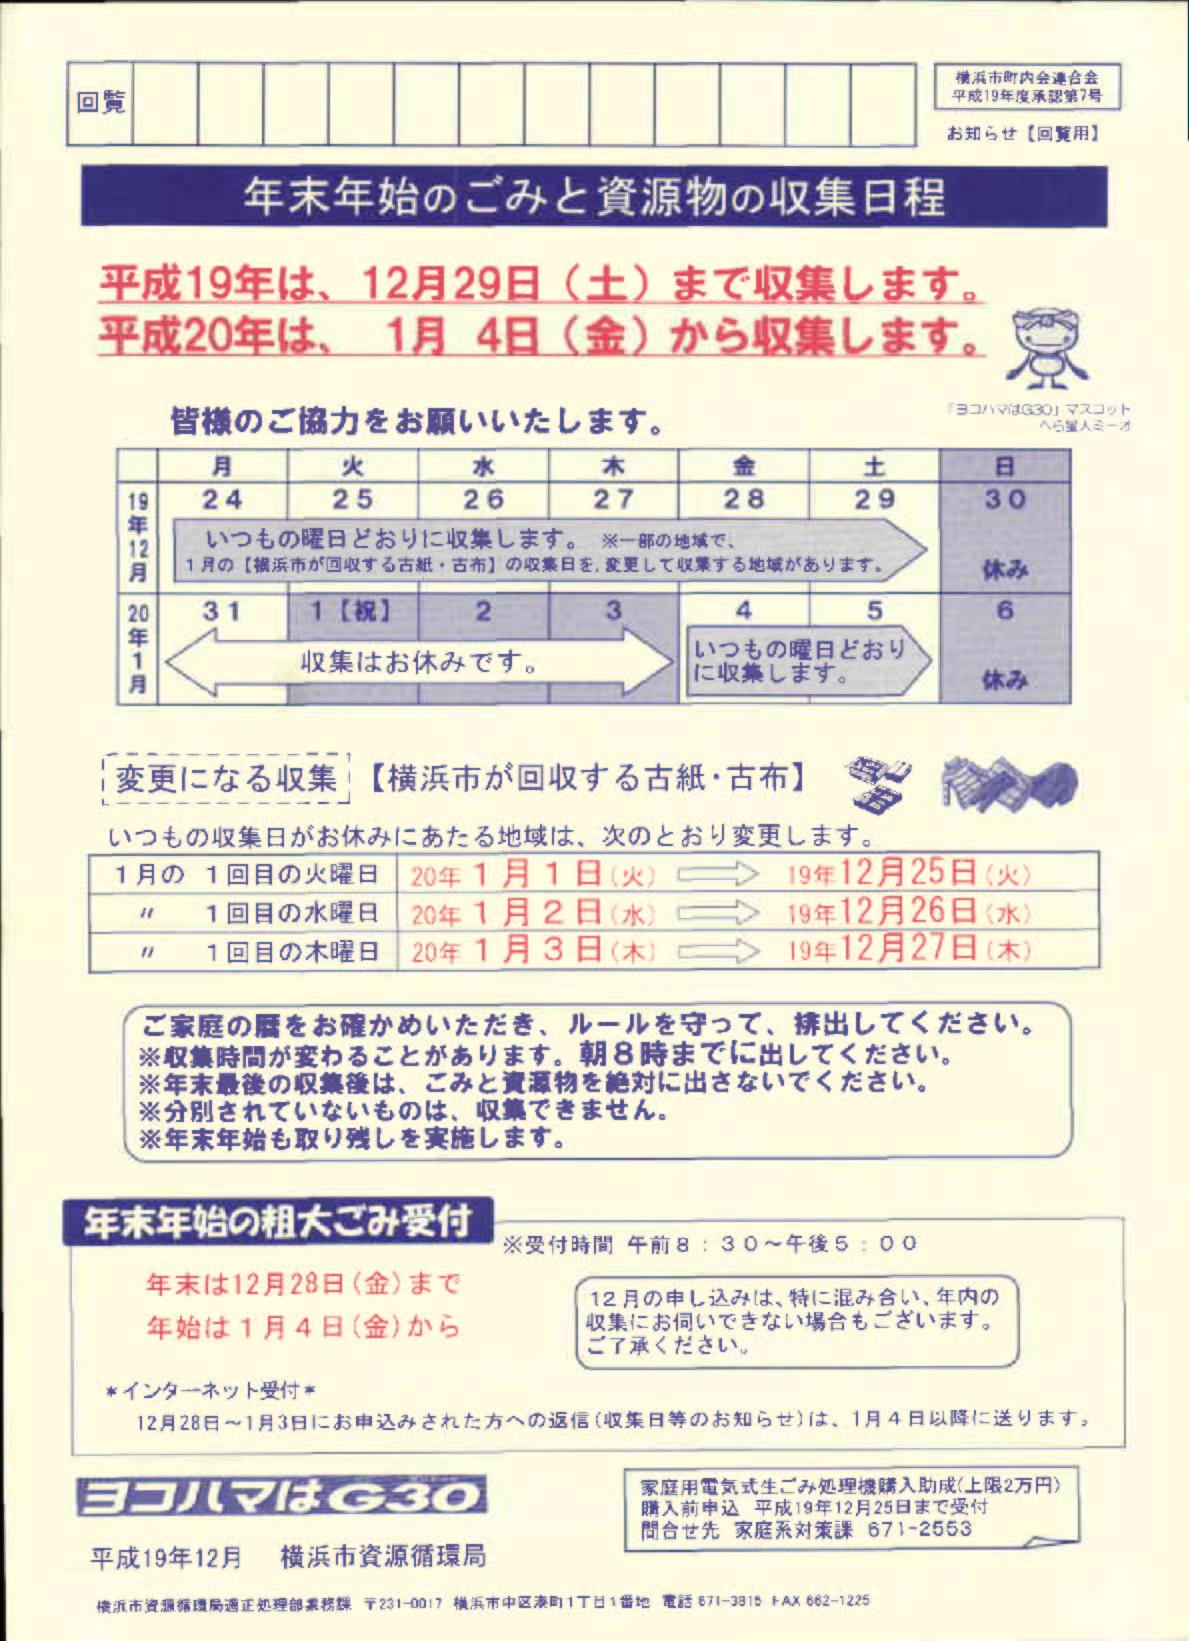 申し込み 粗大 横浜 市 ゴミ